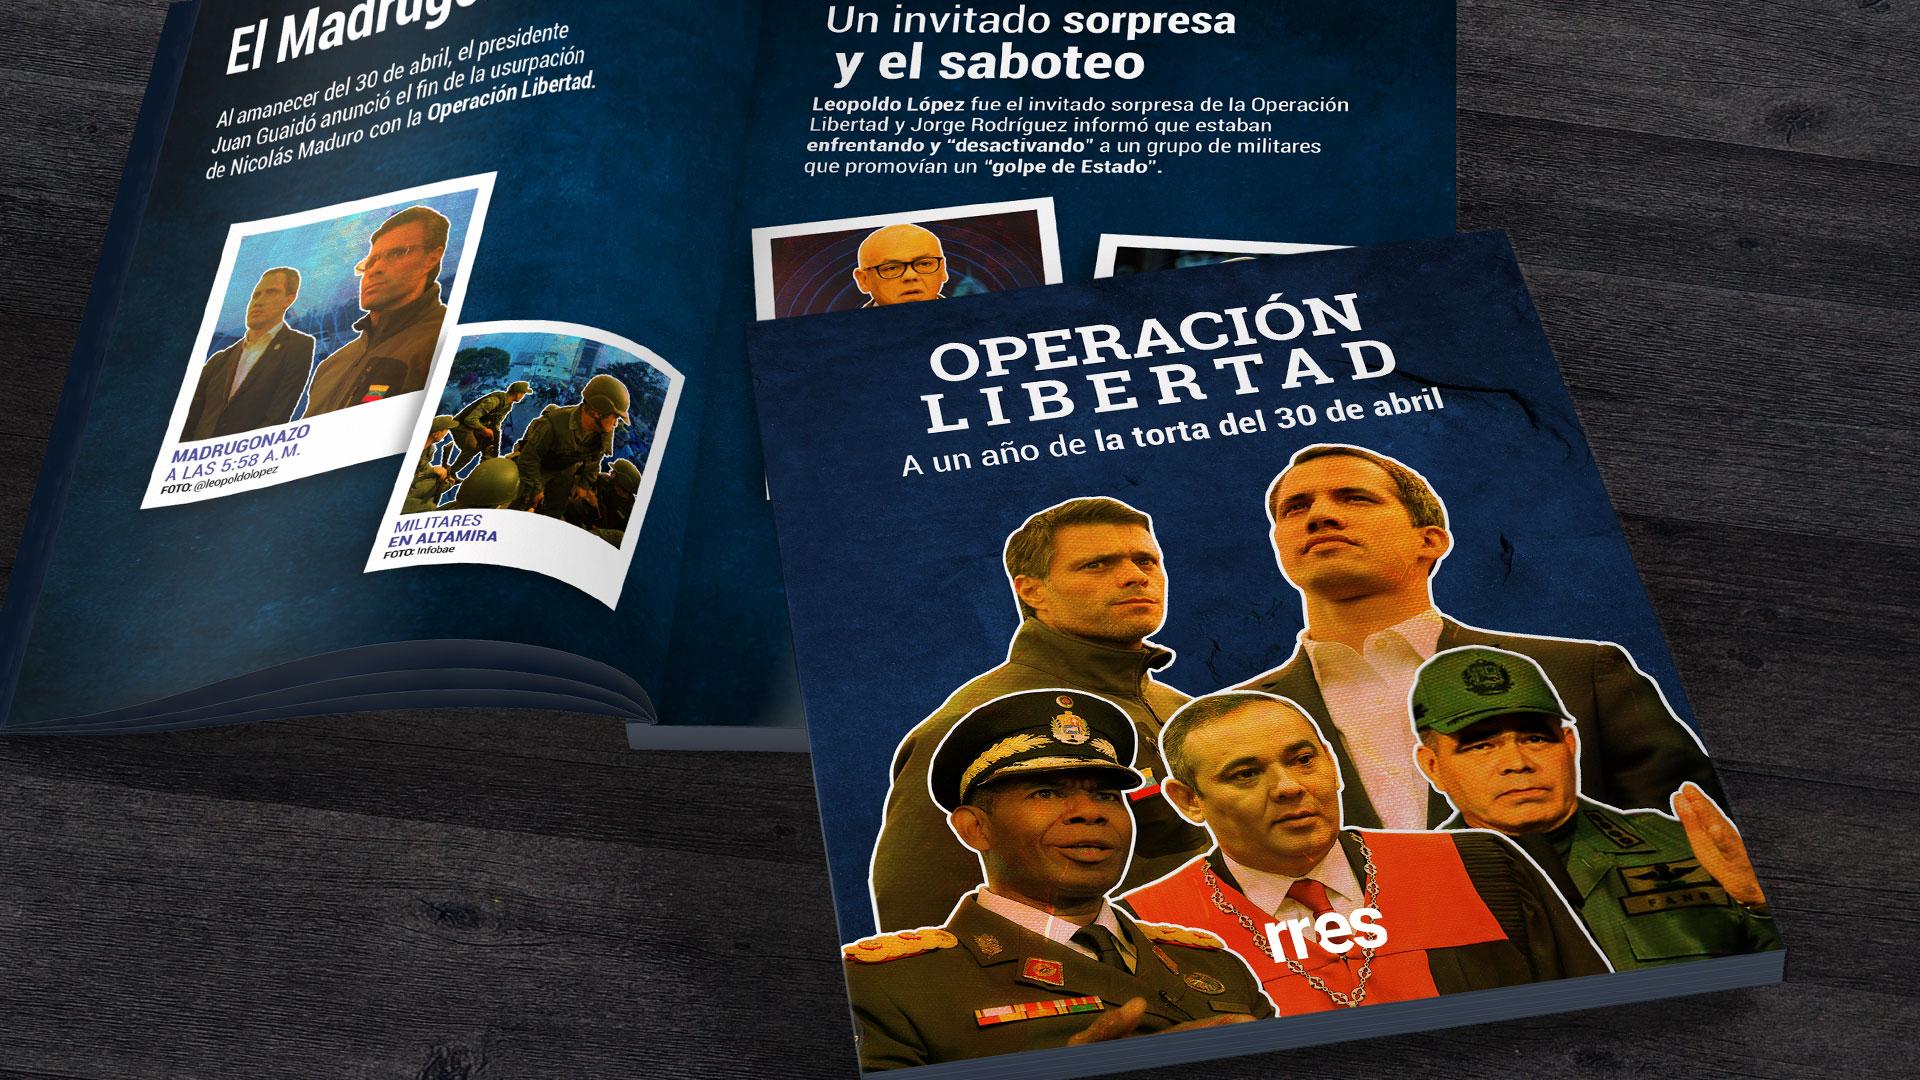 Operación Libertad: A un año de la torta del 30 de abril